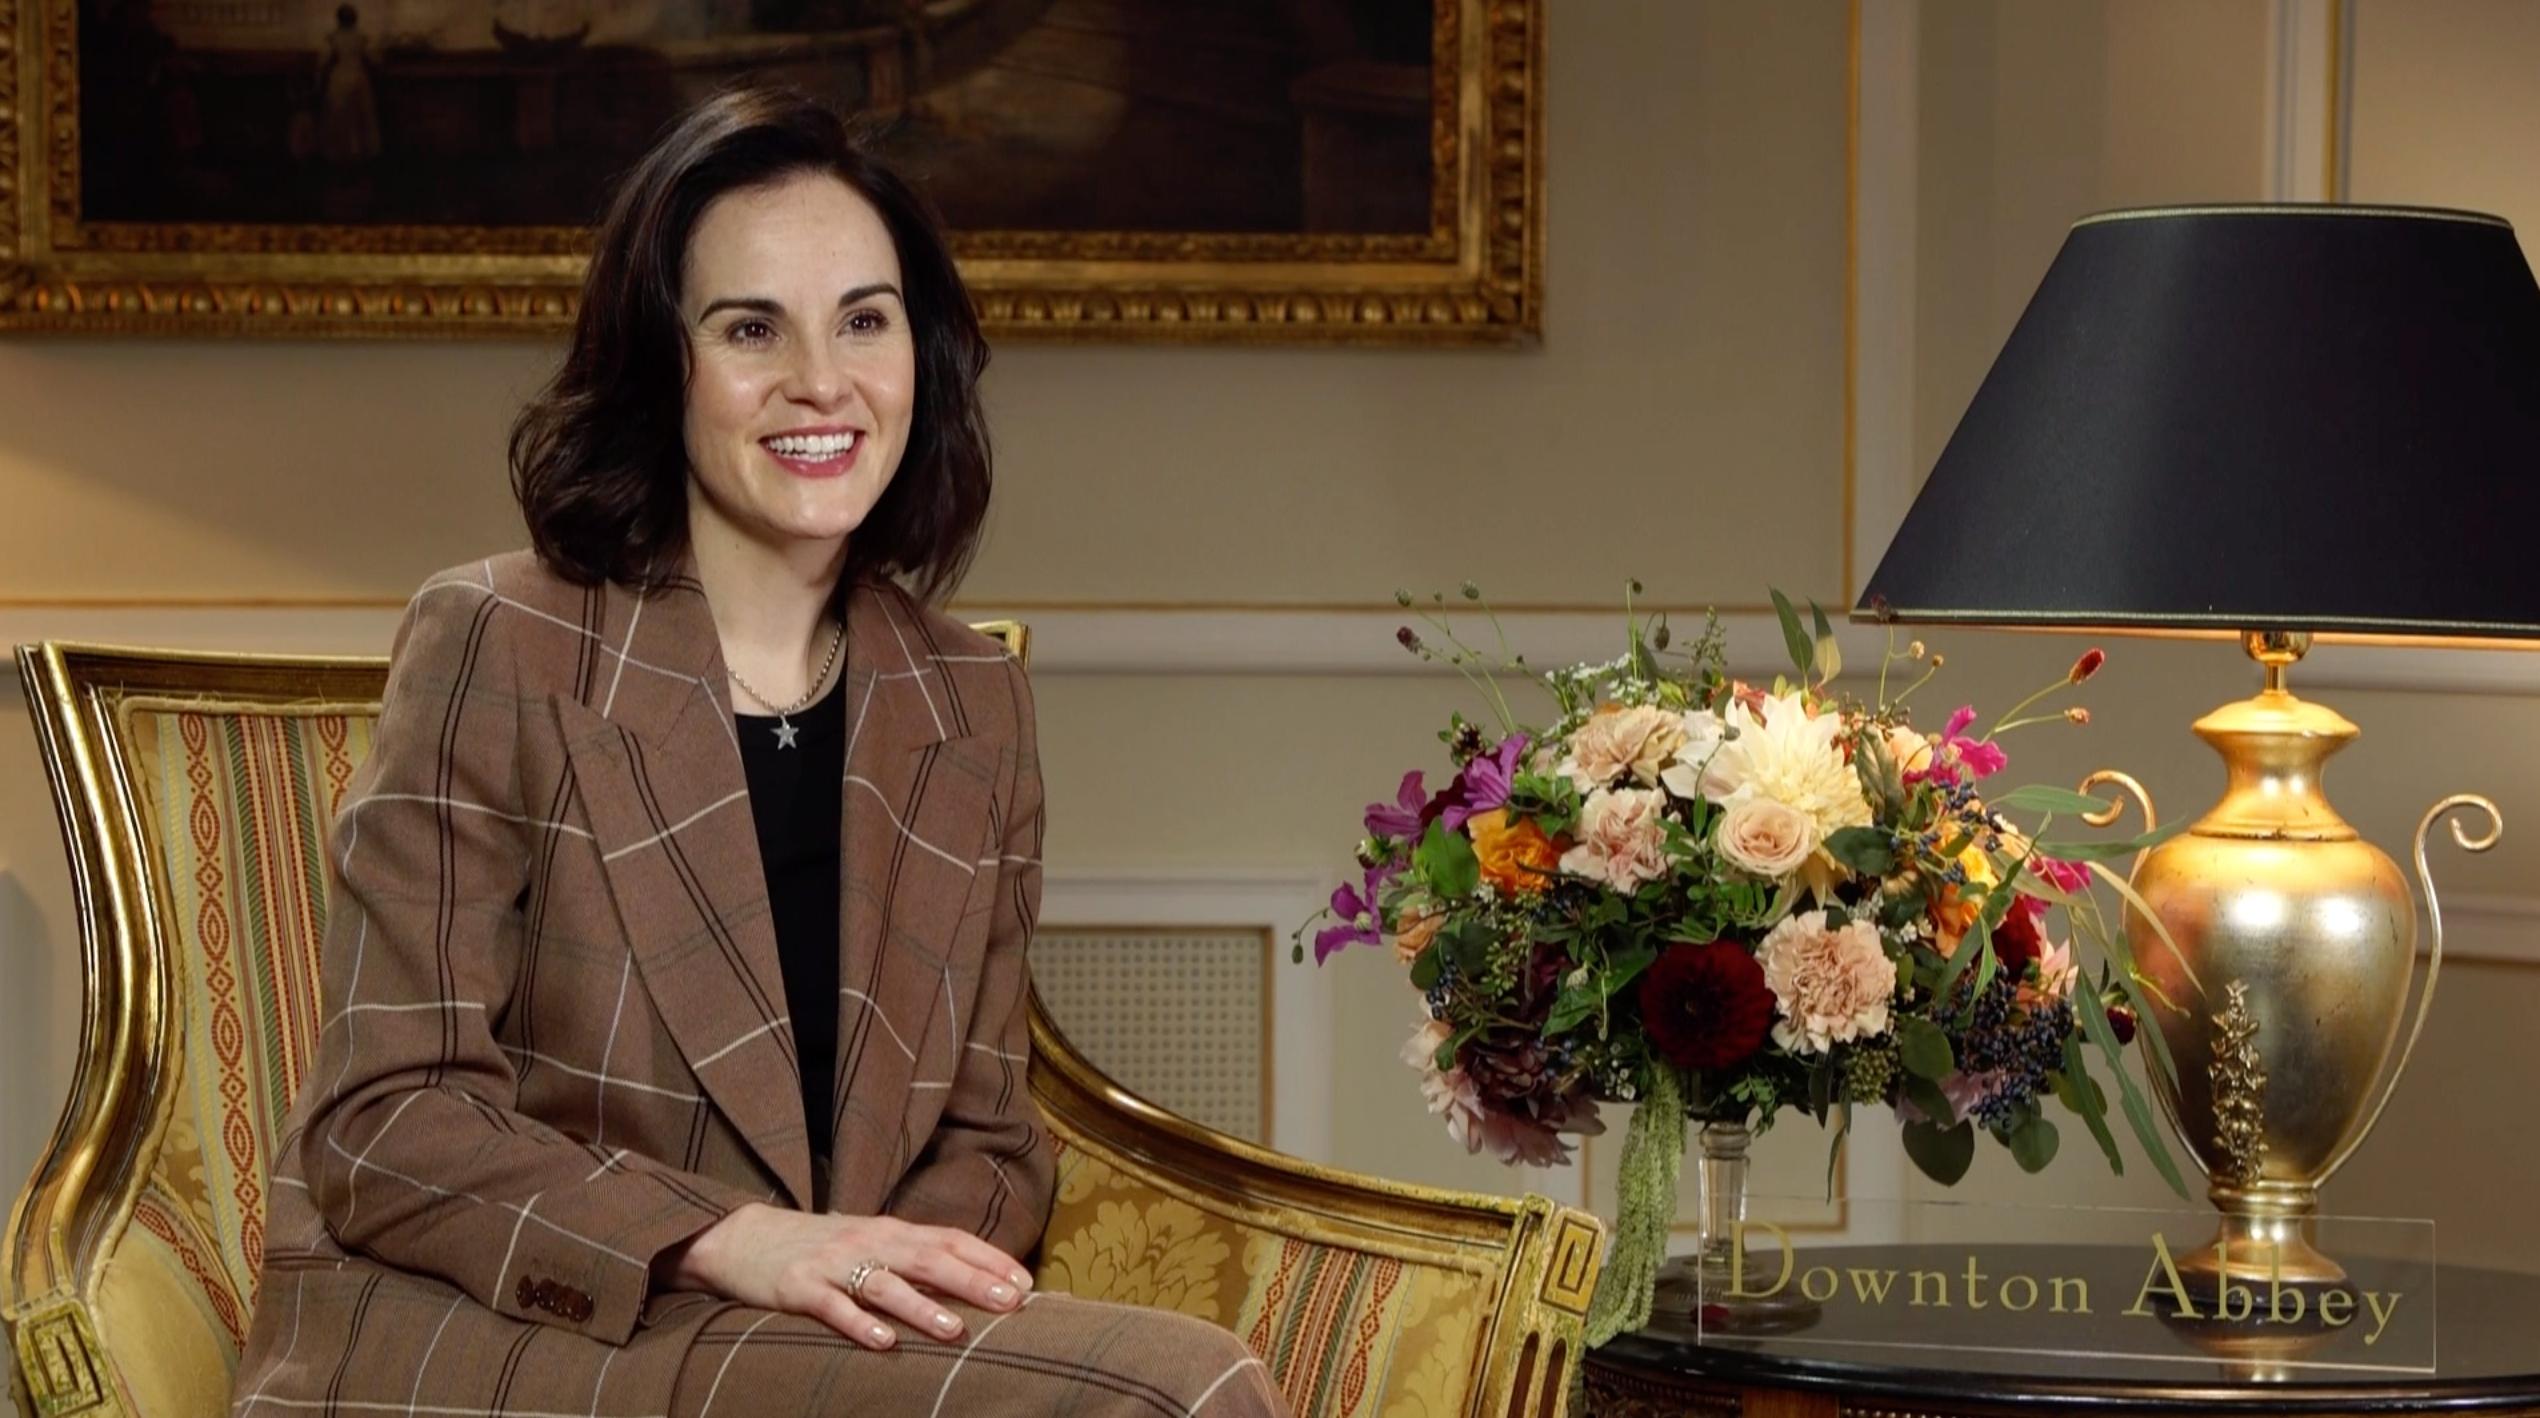 Intervista al cast: il film di Downton Abbey come Harry Potter